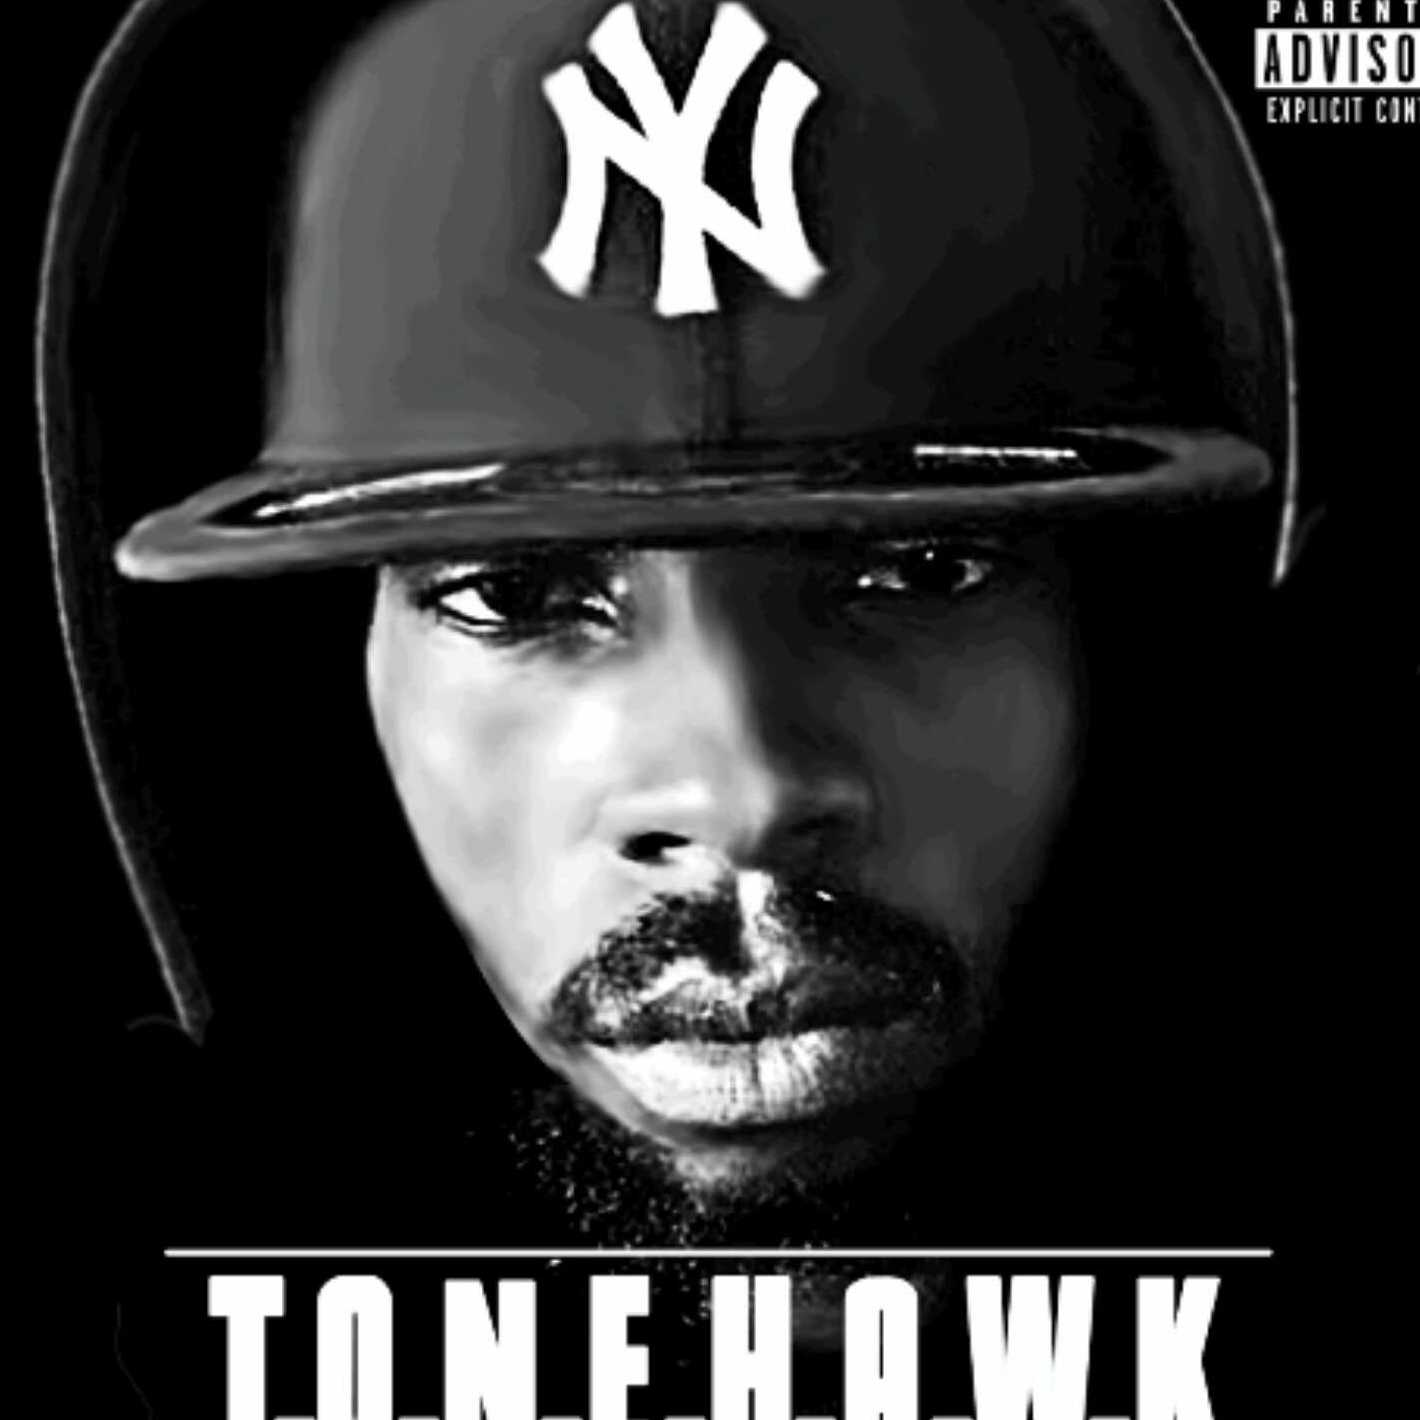 Tone Hawk